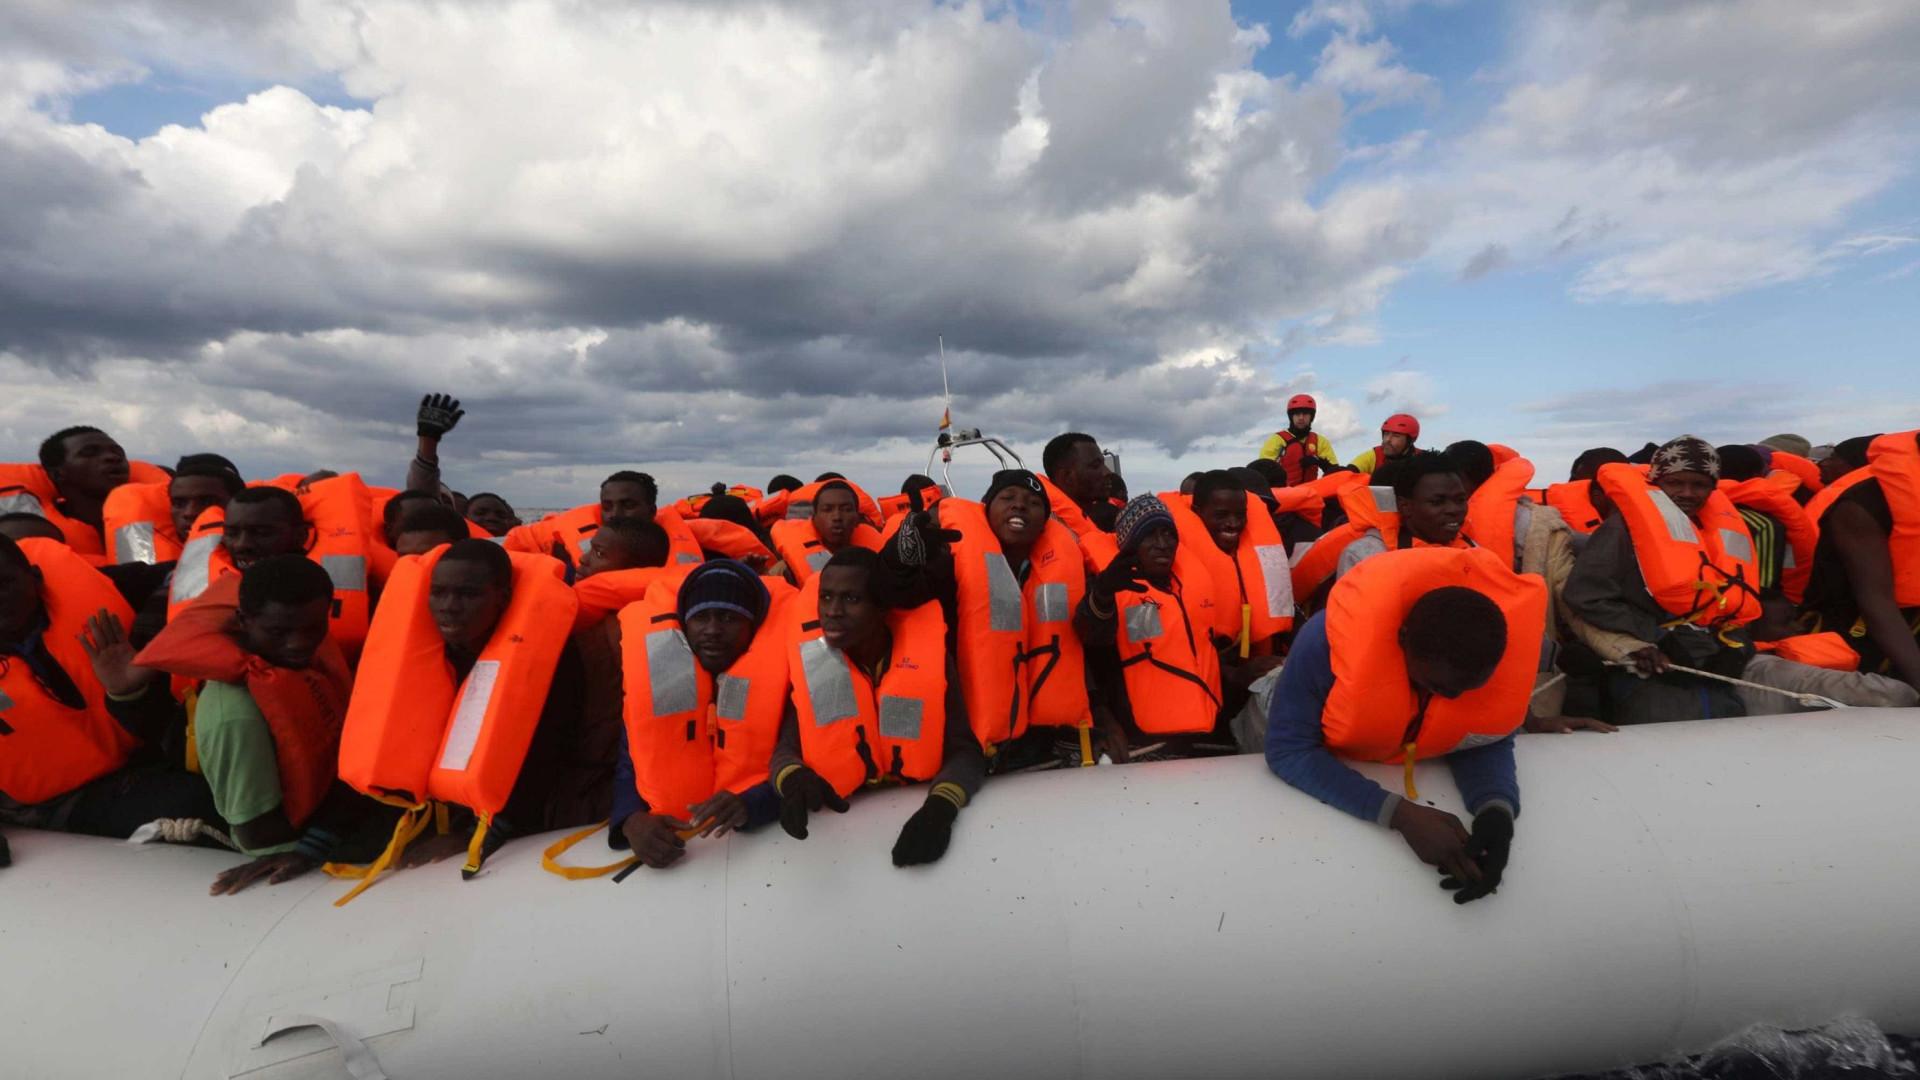 'Salvar vidas' em português no Mediterrâneo